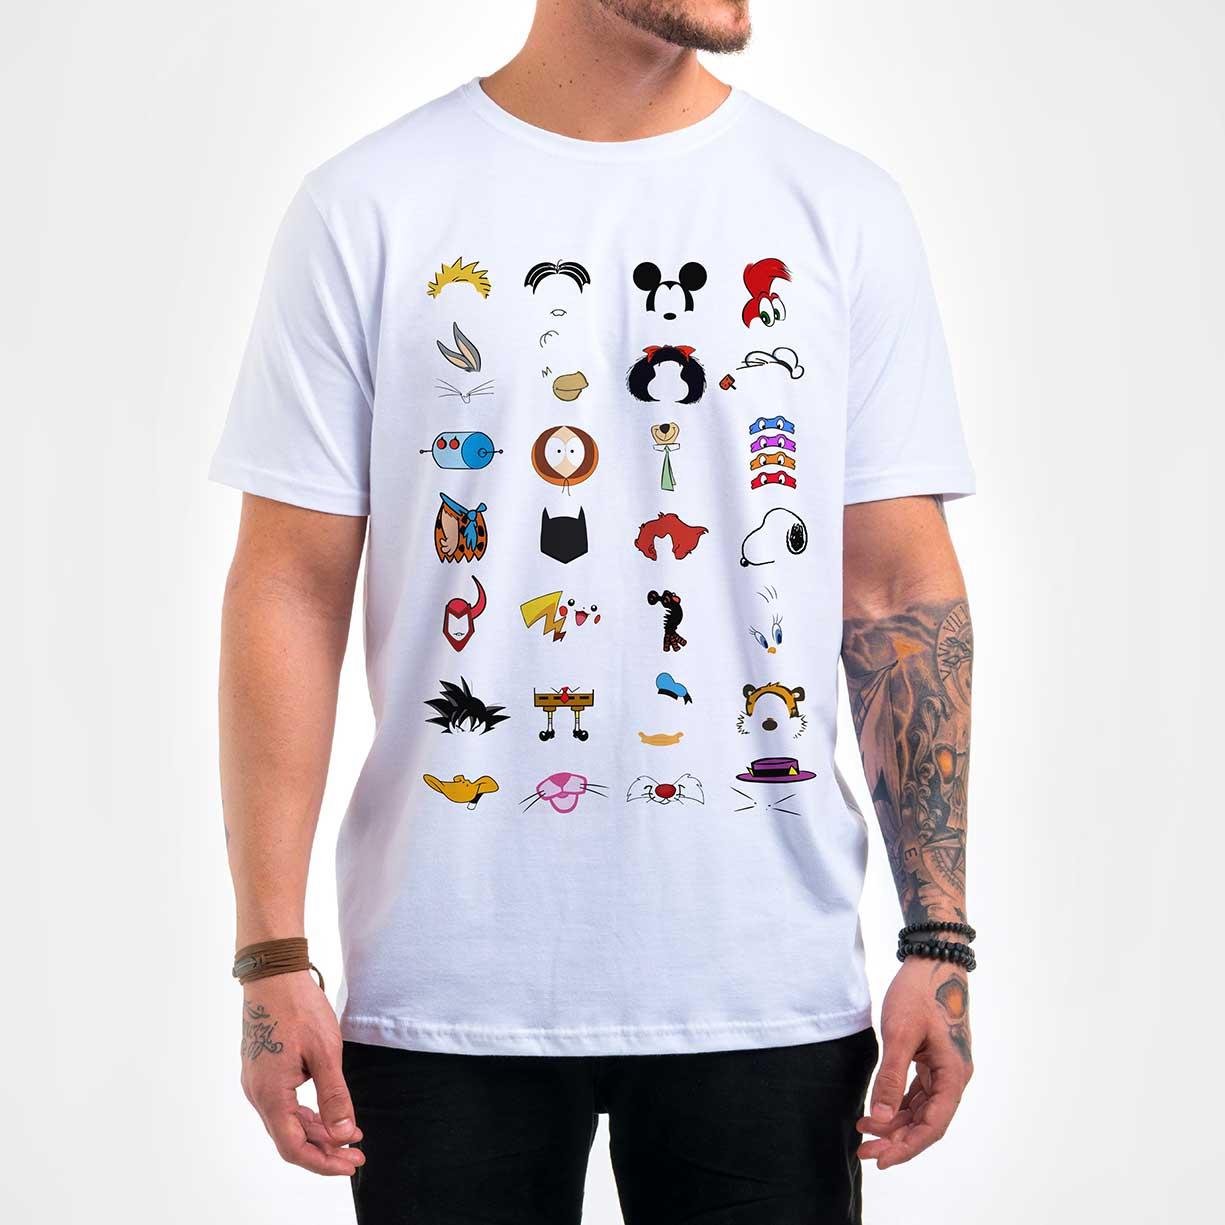 Camisa Masculina - Cartoons